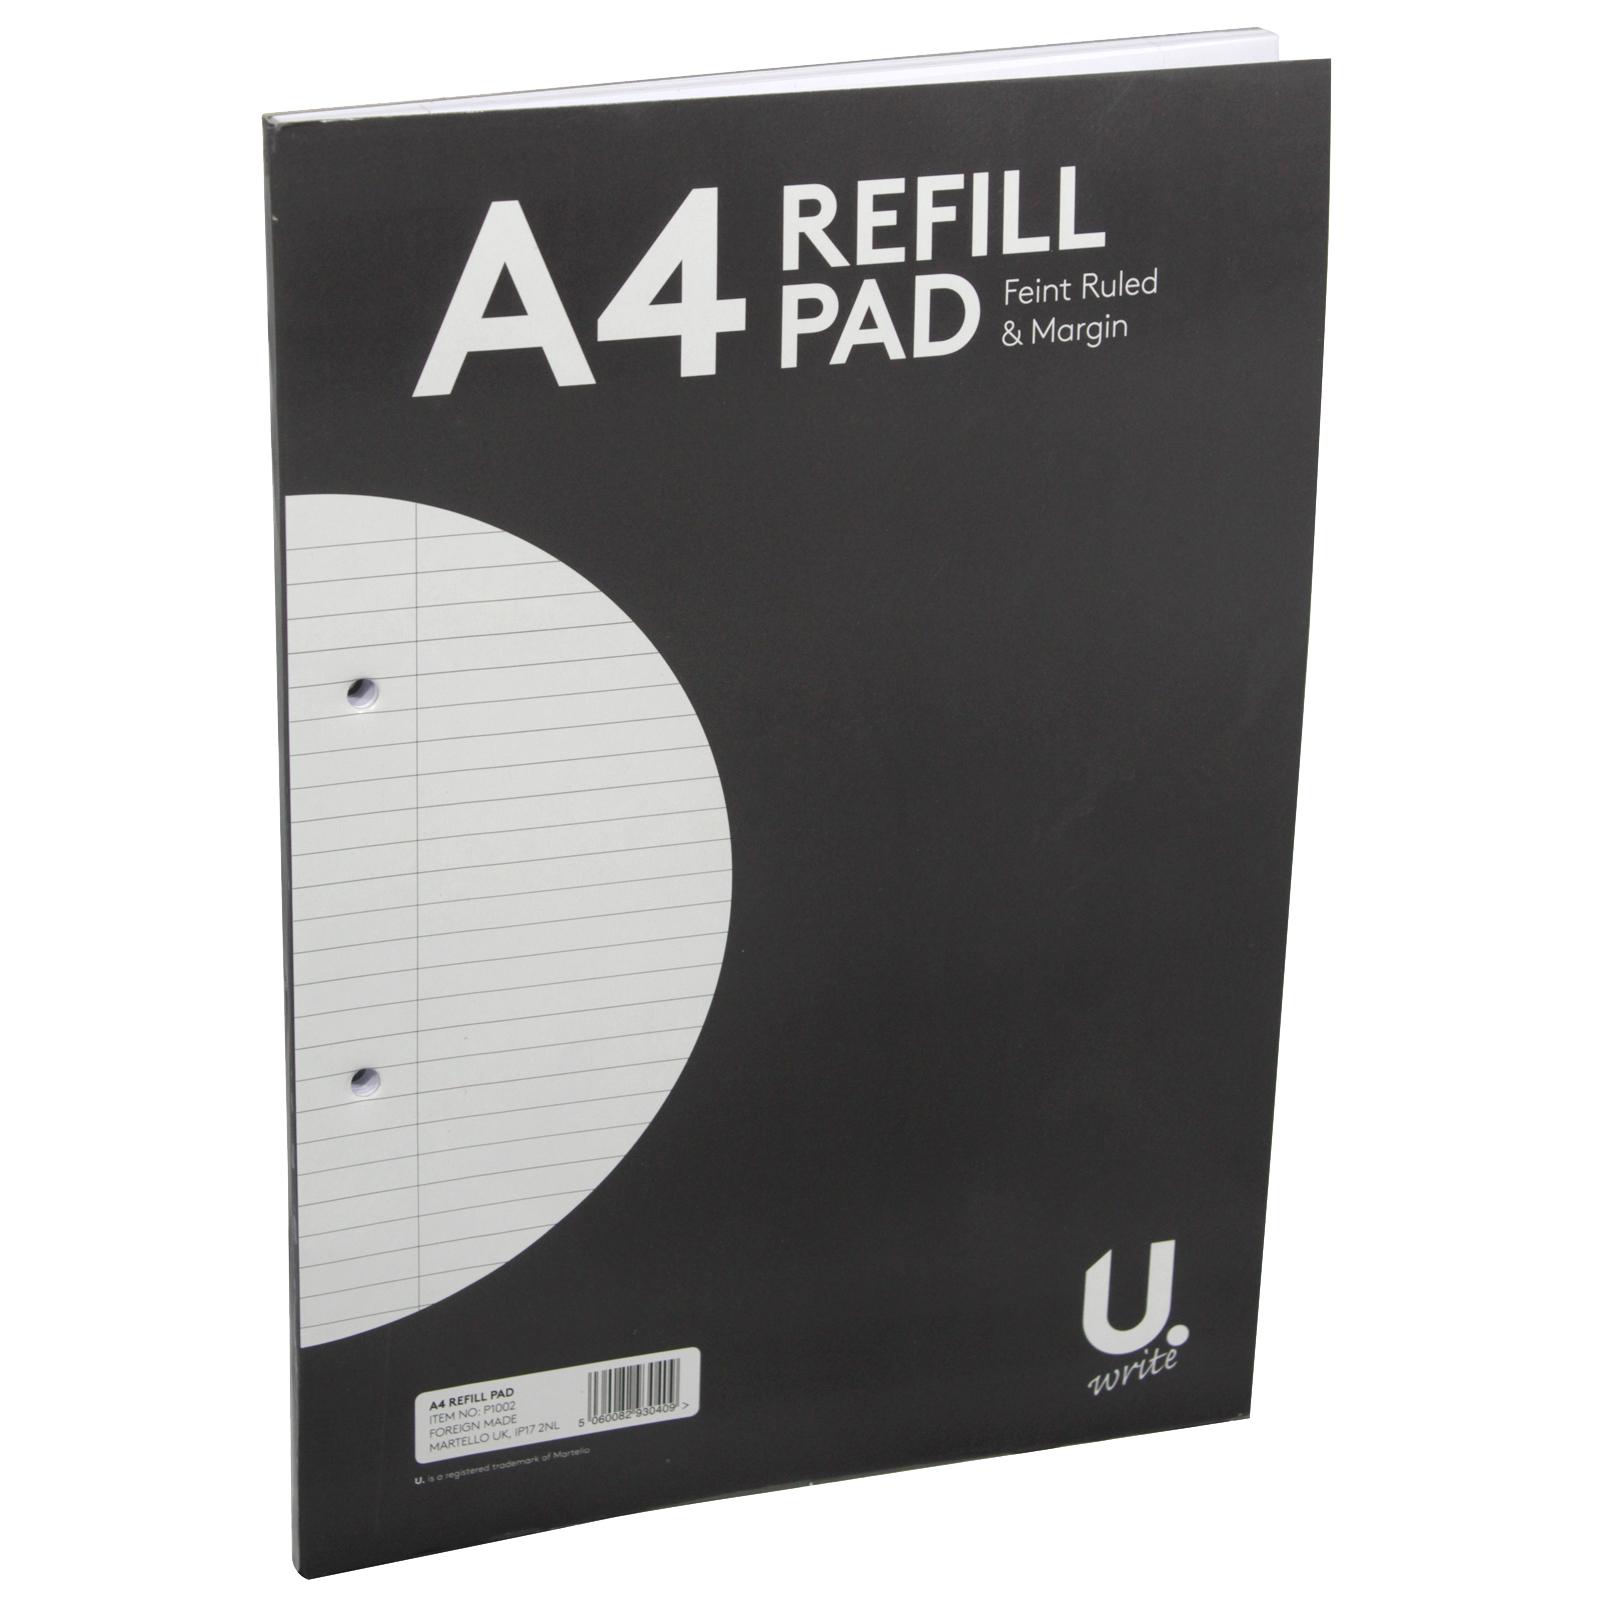 PENNINE A4 REFILL PAD X12